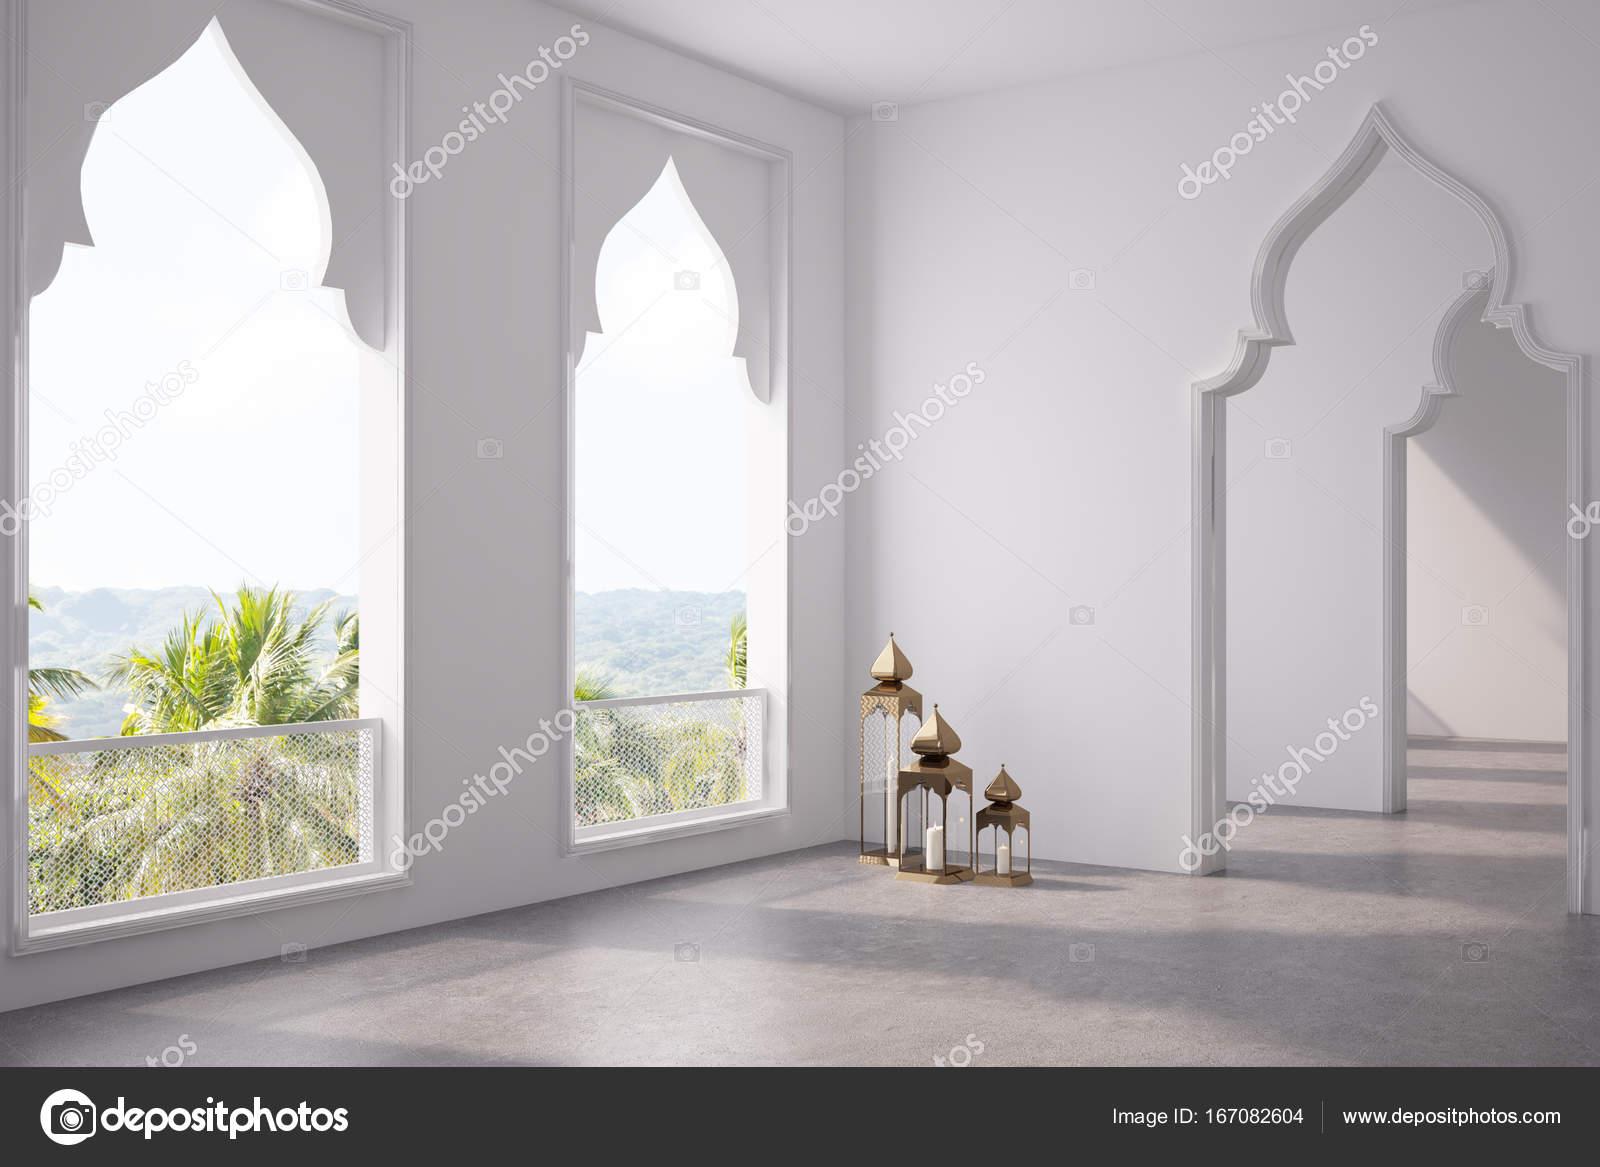 Arabische Inrichting Slaapkamer : Lege ruimte arabische stijl deuren venster kant u stockfoto